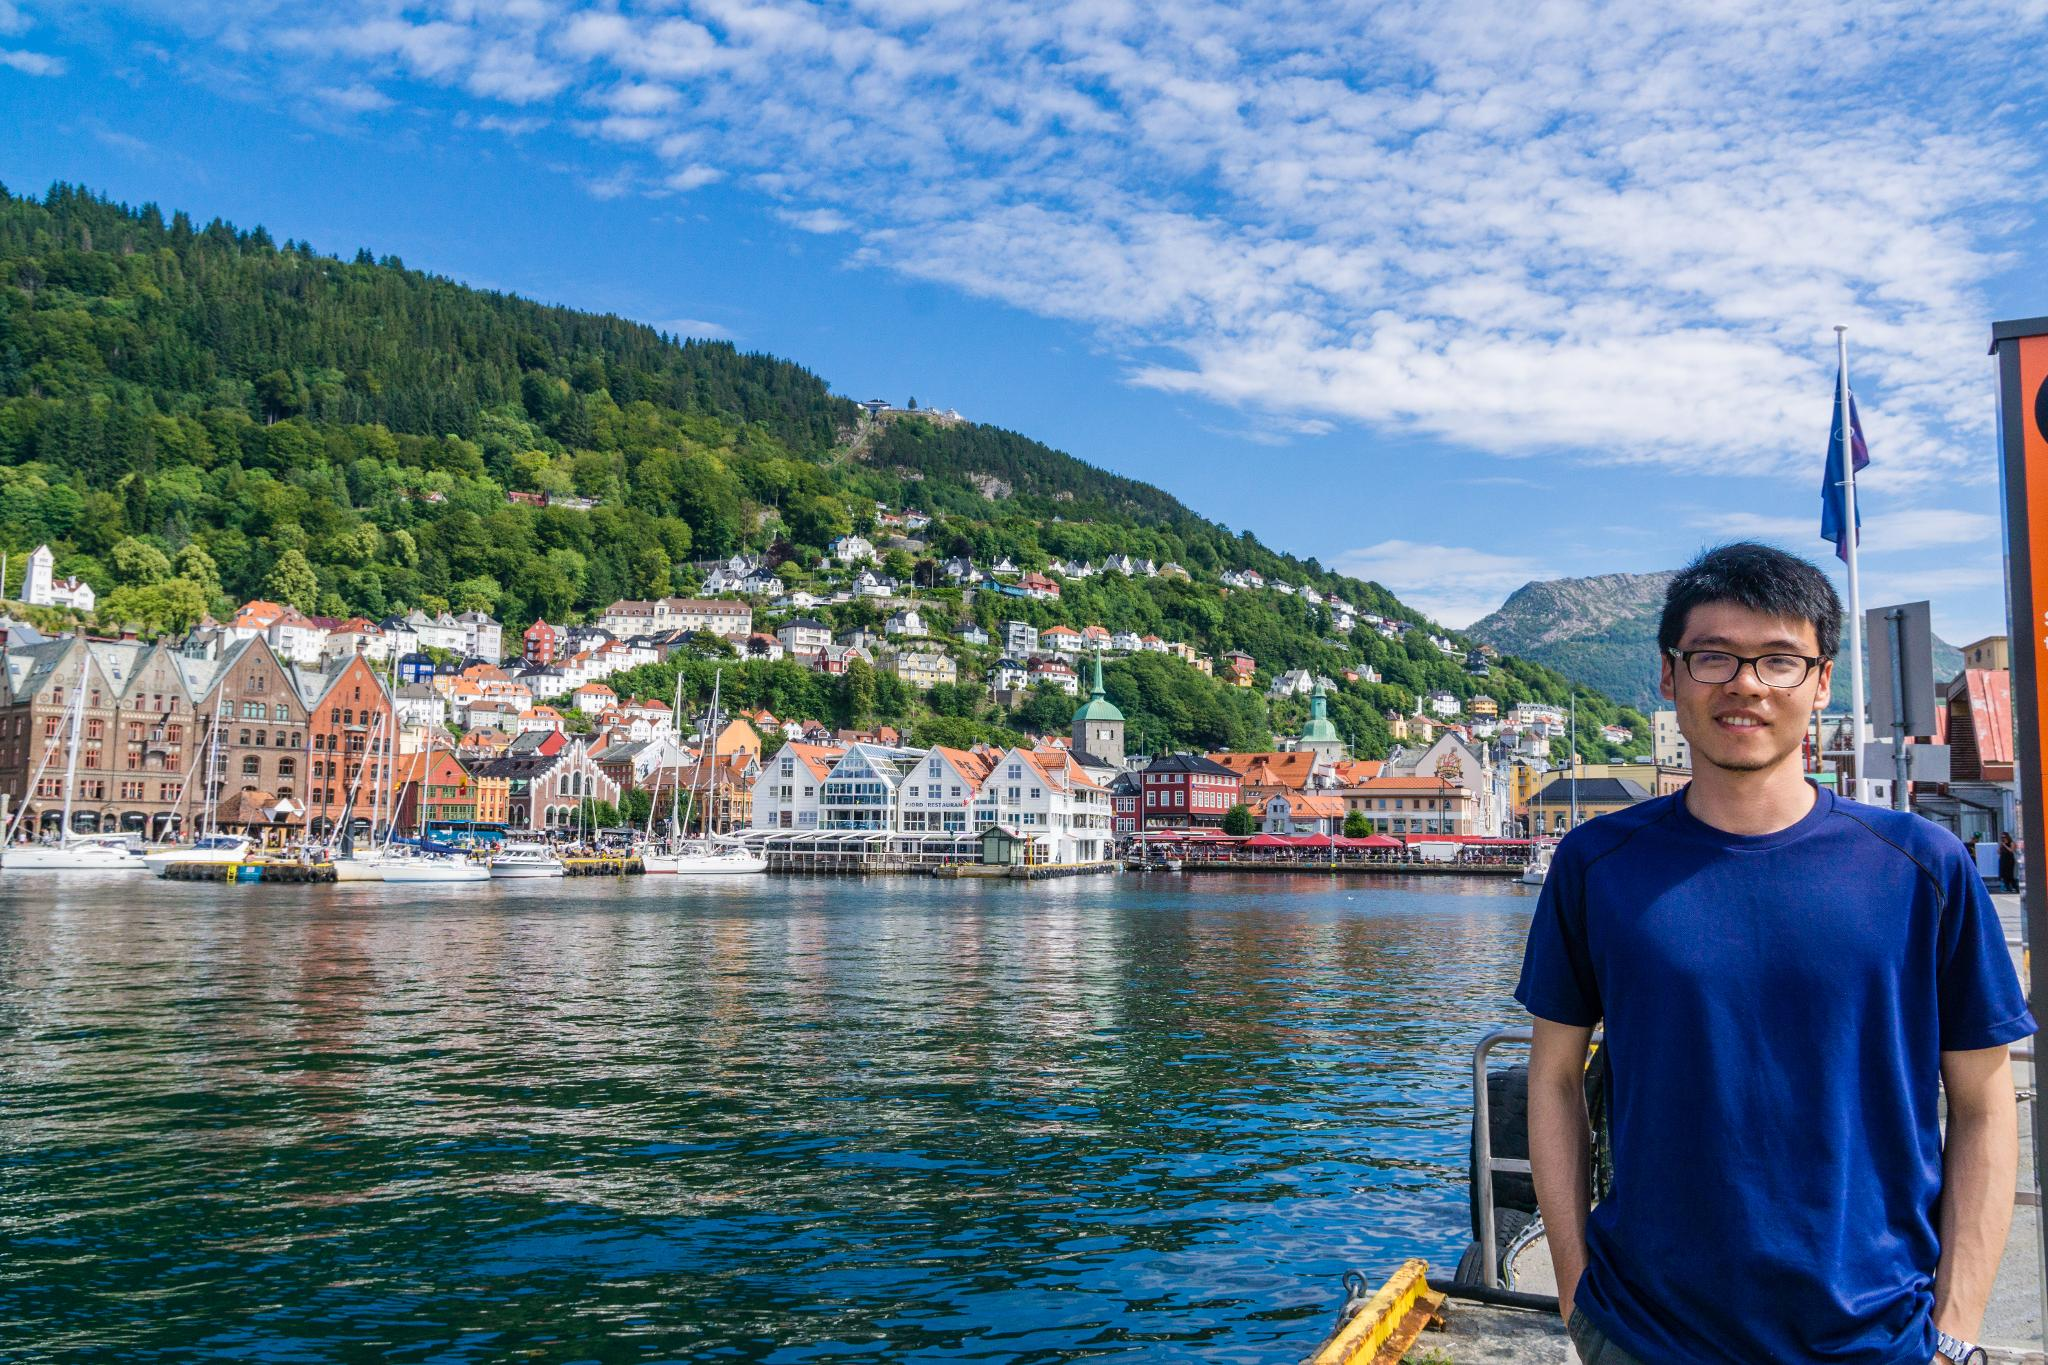 【卑爾根】Bryggen 世界遺產布呂根 — 迷失在百年歷史的挪威彩色木屋 39